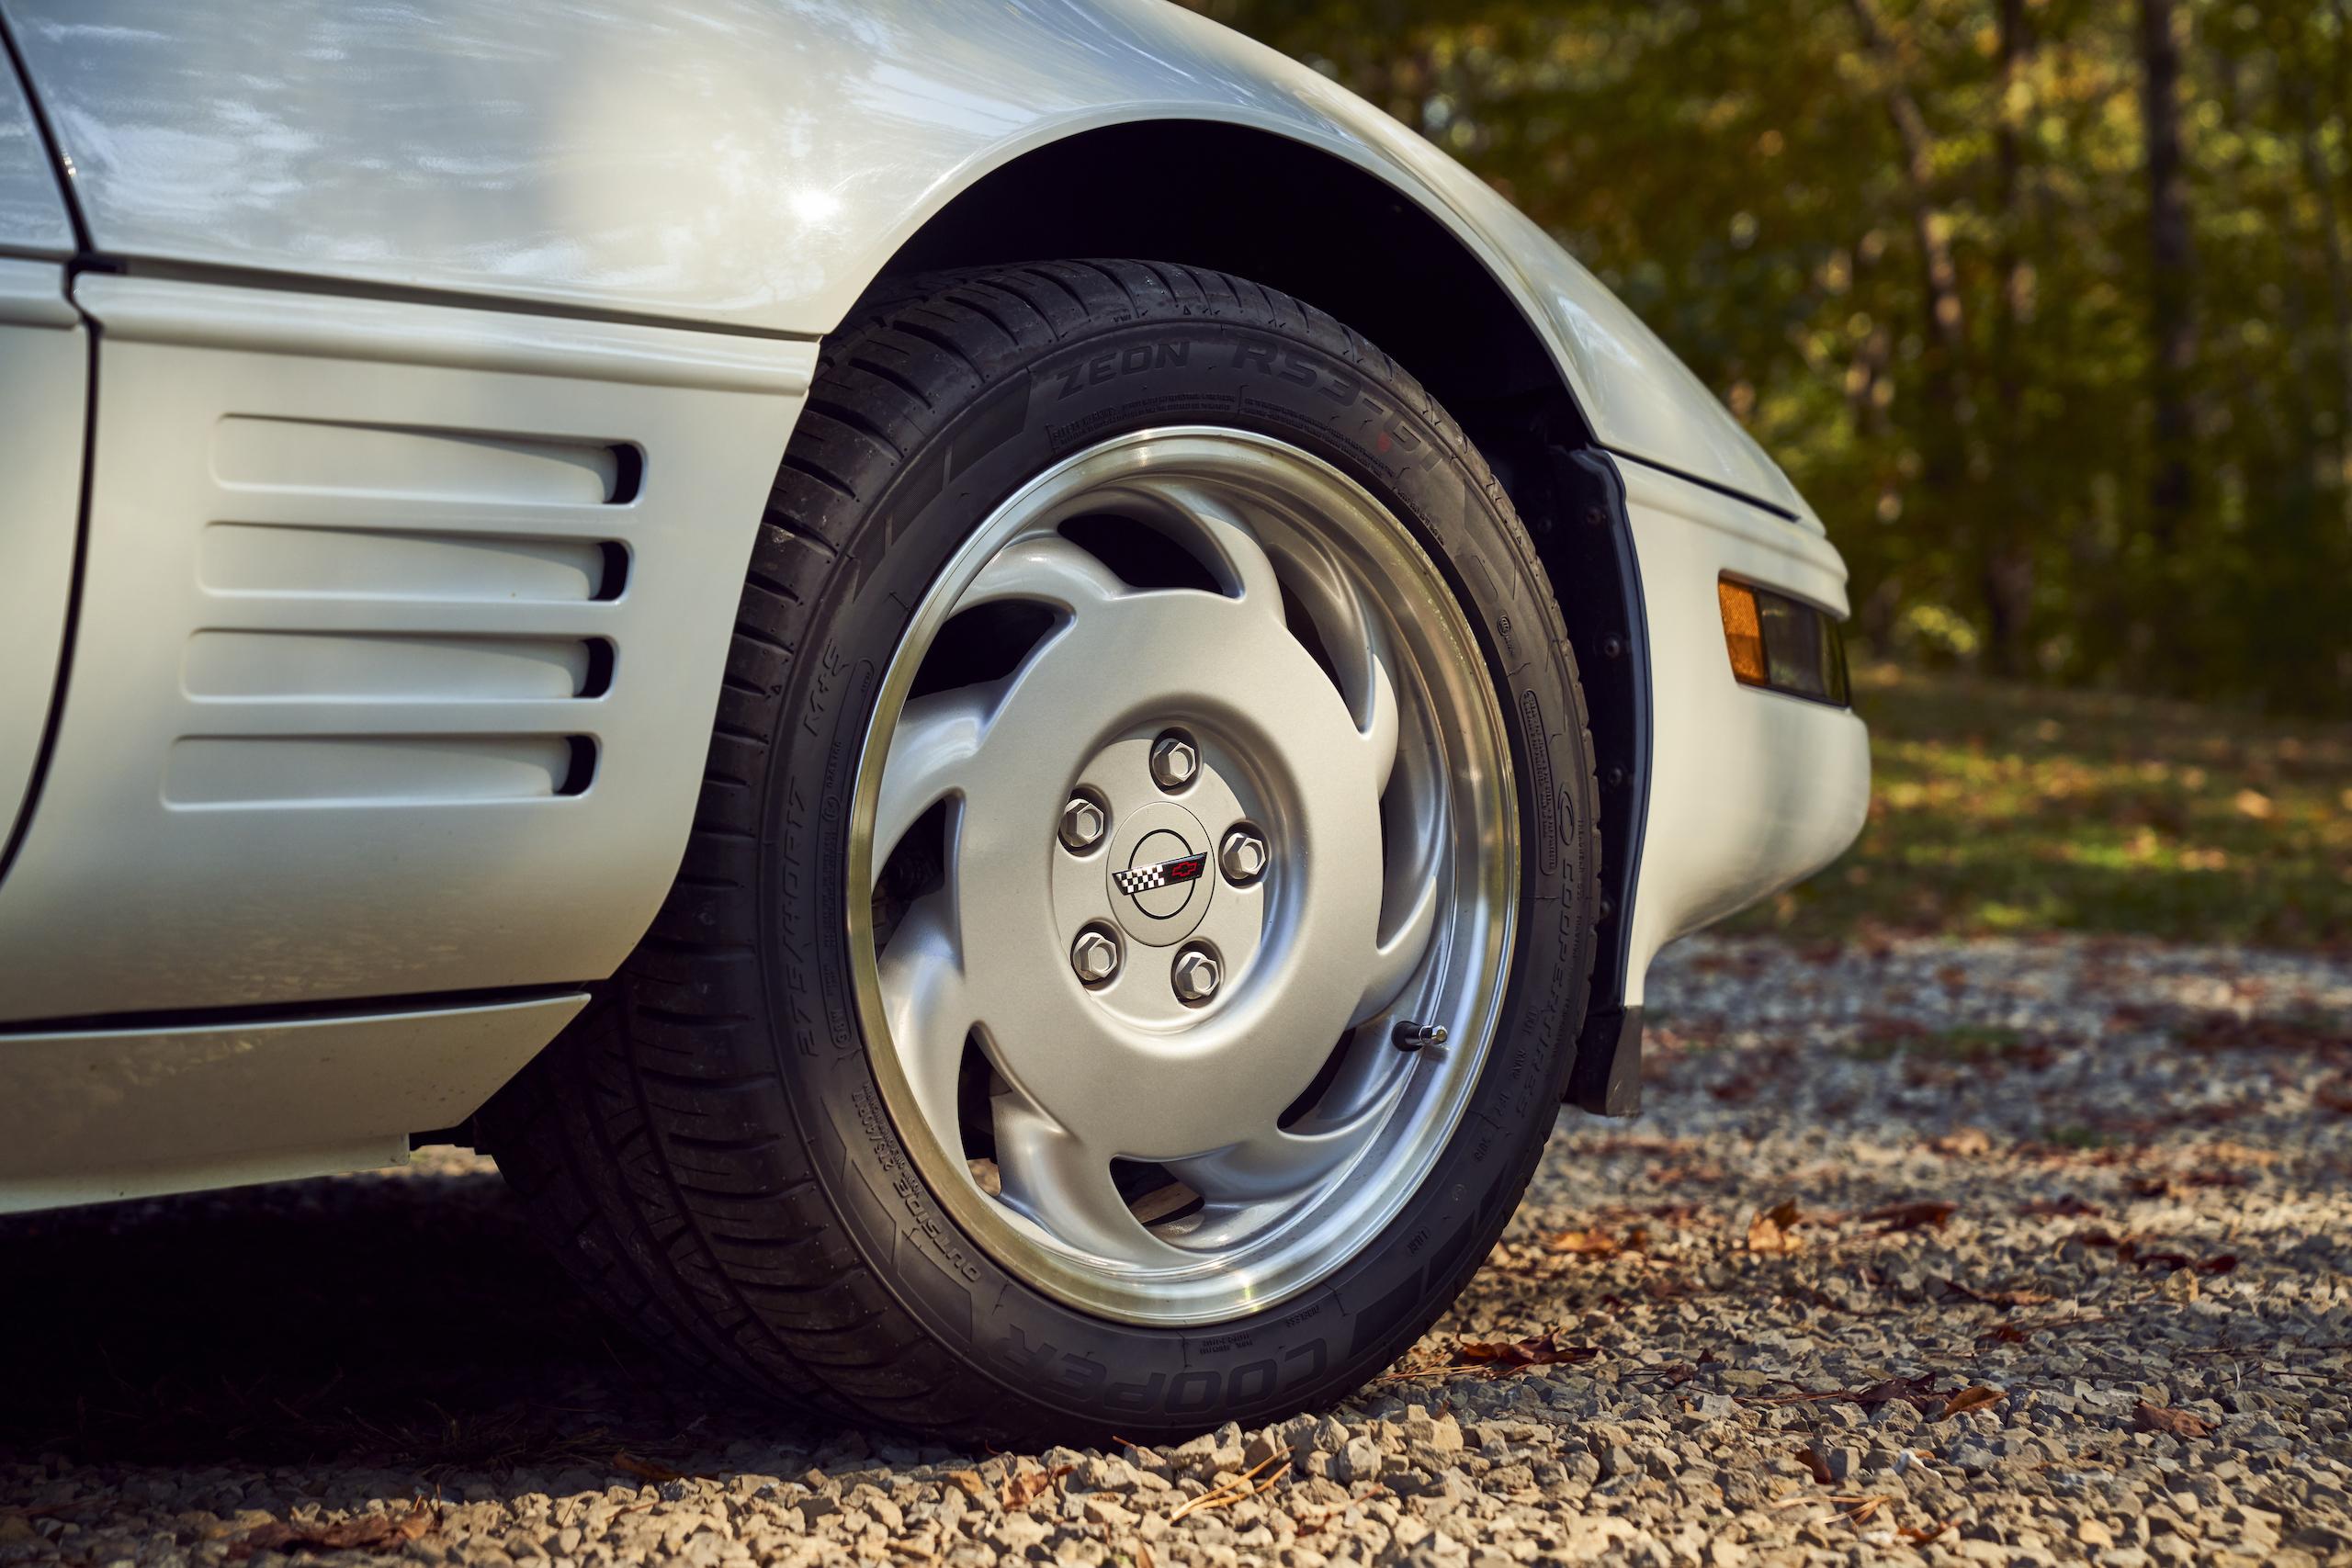 C4 Chevrolet Corvette front wheel